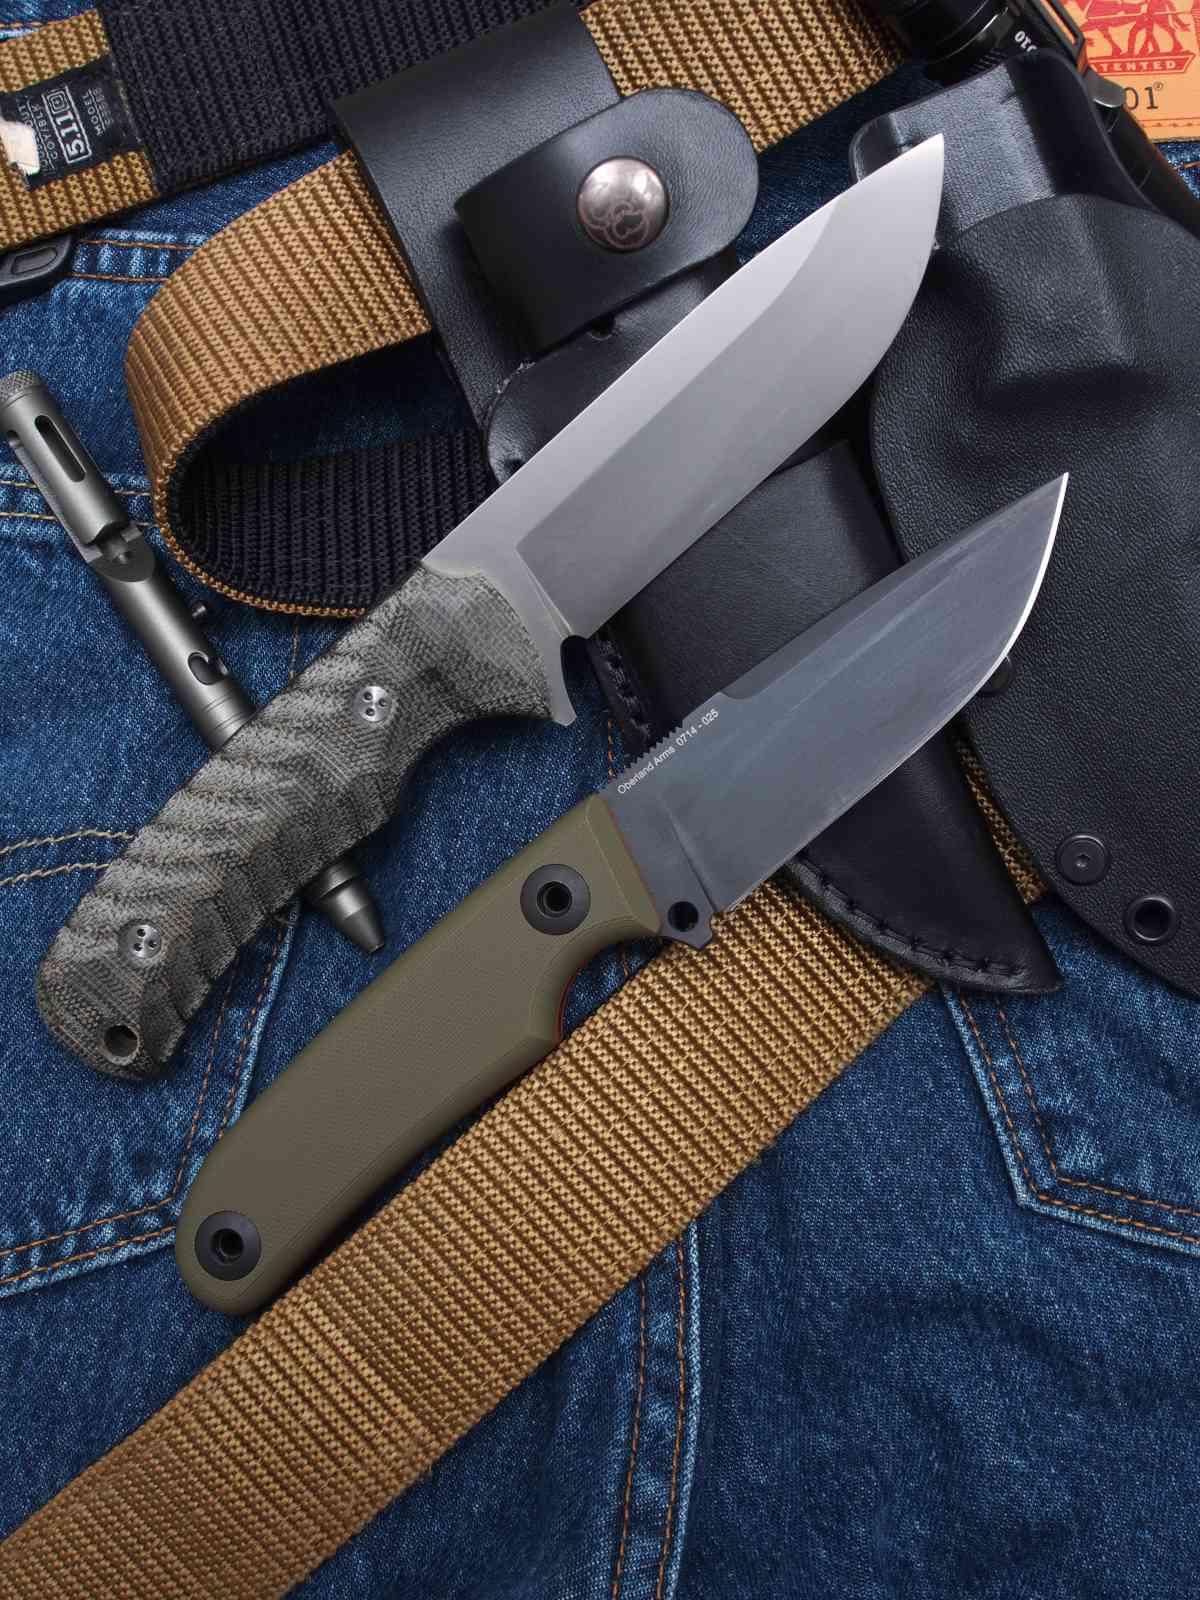 Kompakt im Alltag: Messerkönig MK10 und Oberland Arms Imwoid